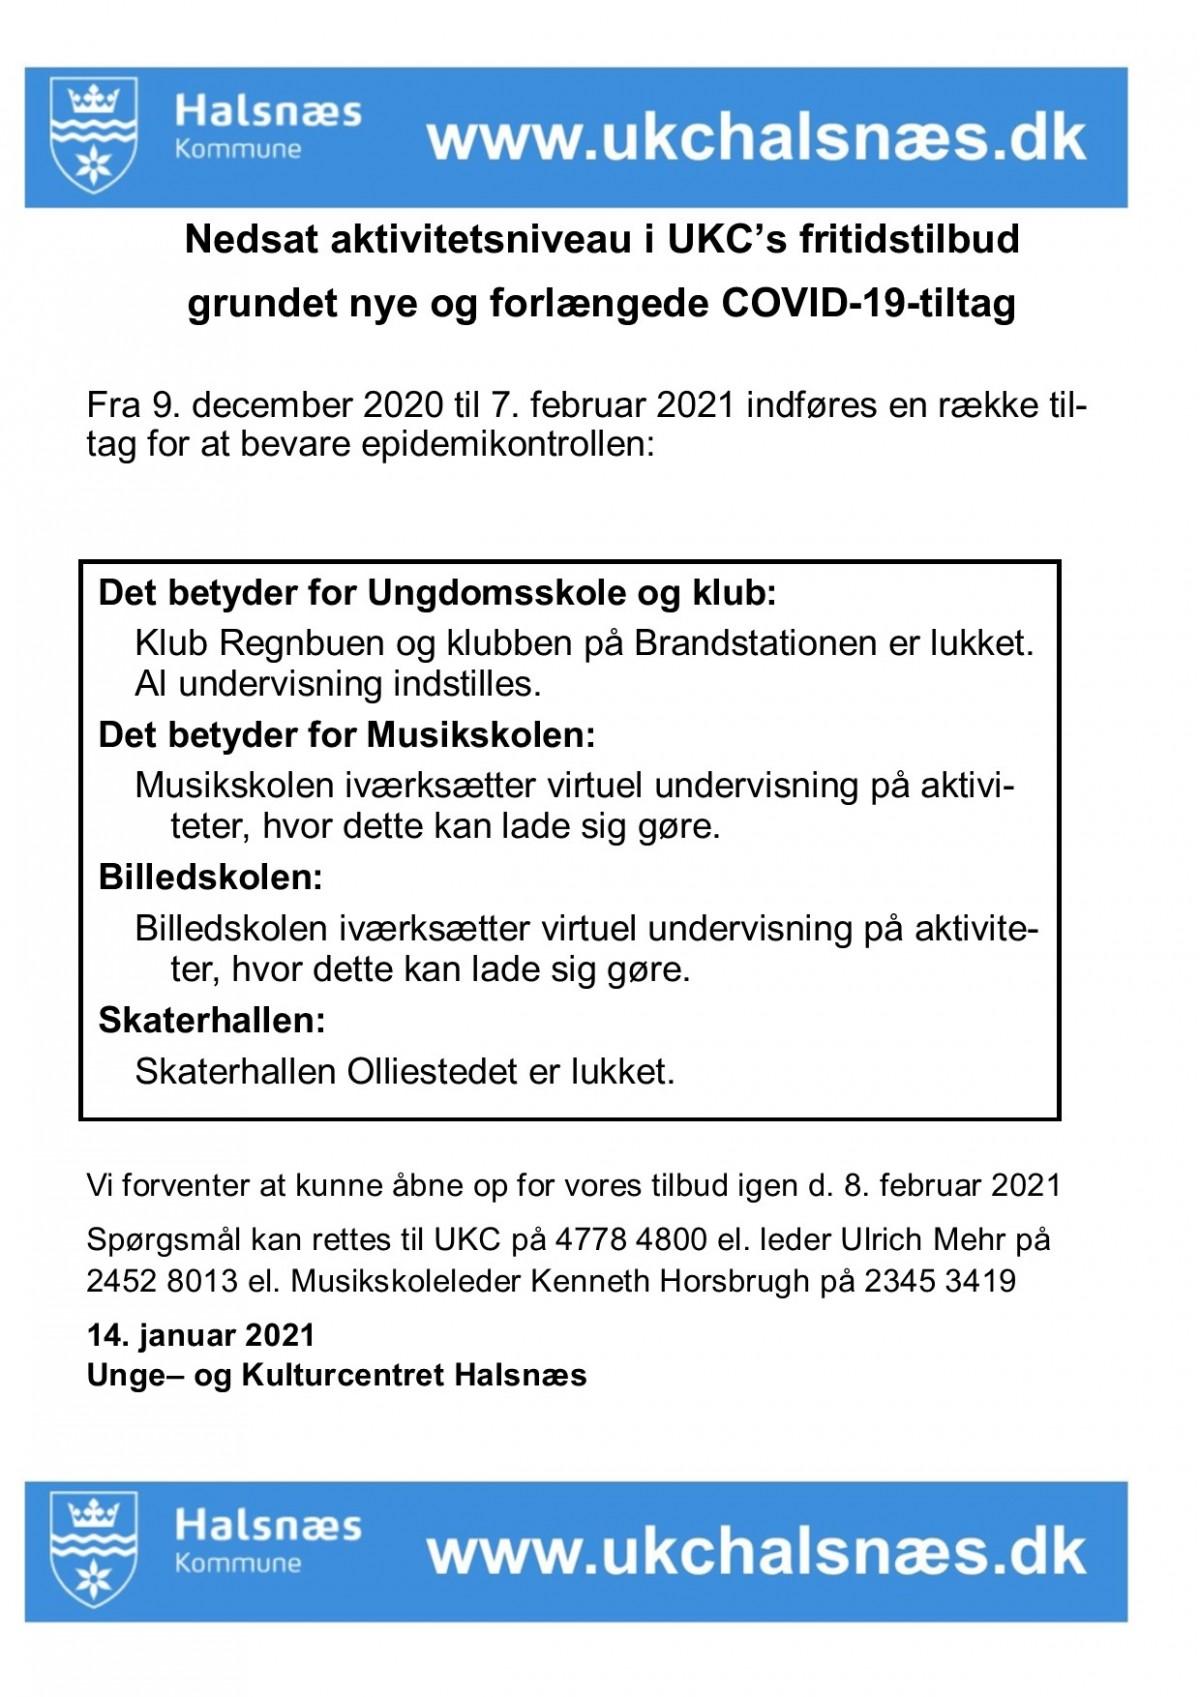 Nedlukning corona januar 2021